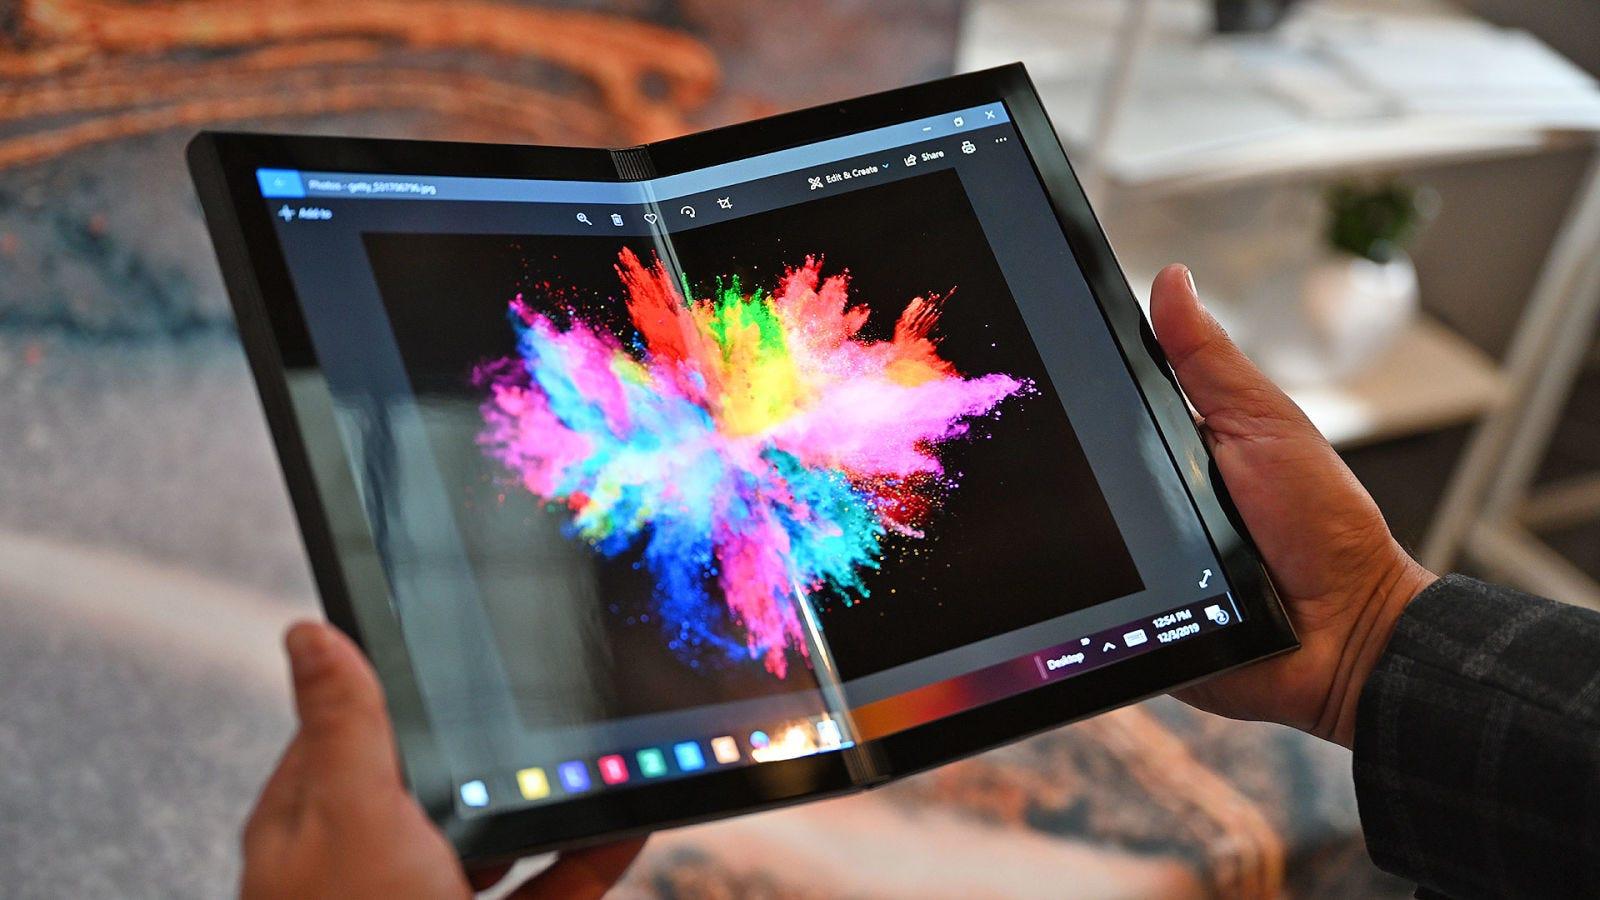 Aunque que la pantalla OLED flexible de Ori tenía ligeros cambios de color de un lado a otro, no tenía un pliegue notable como le pasaba al Samsung Fold. Foto: Sam Rutherford (Gizmodo)